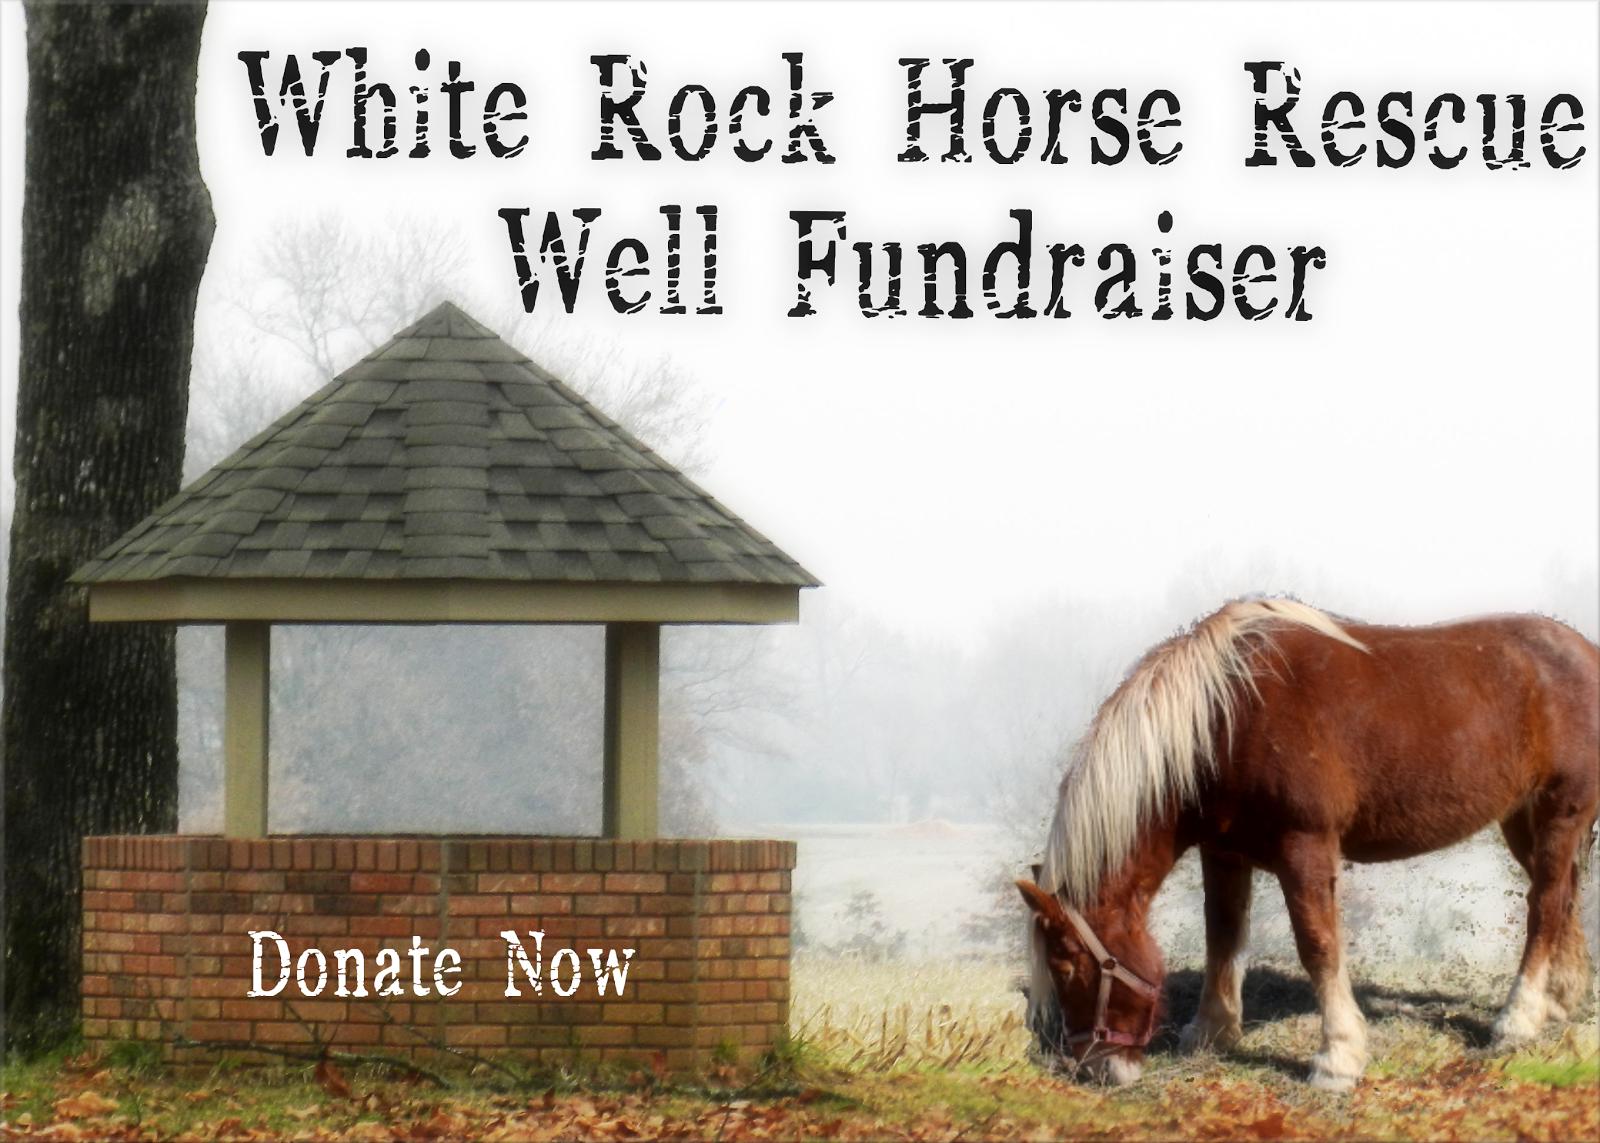 Well Fundraiser